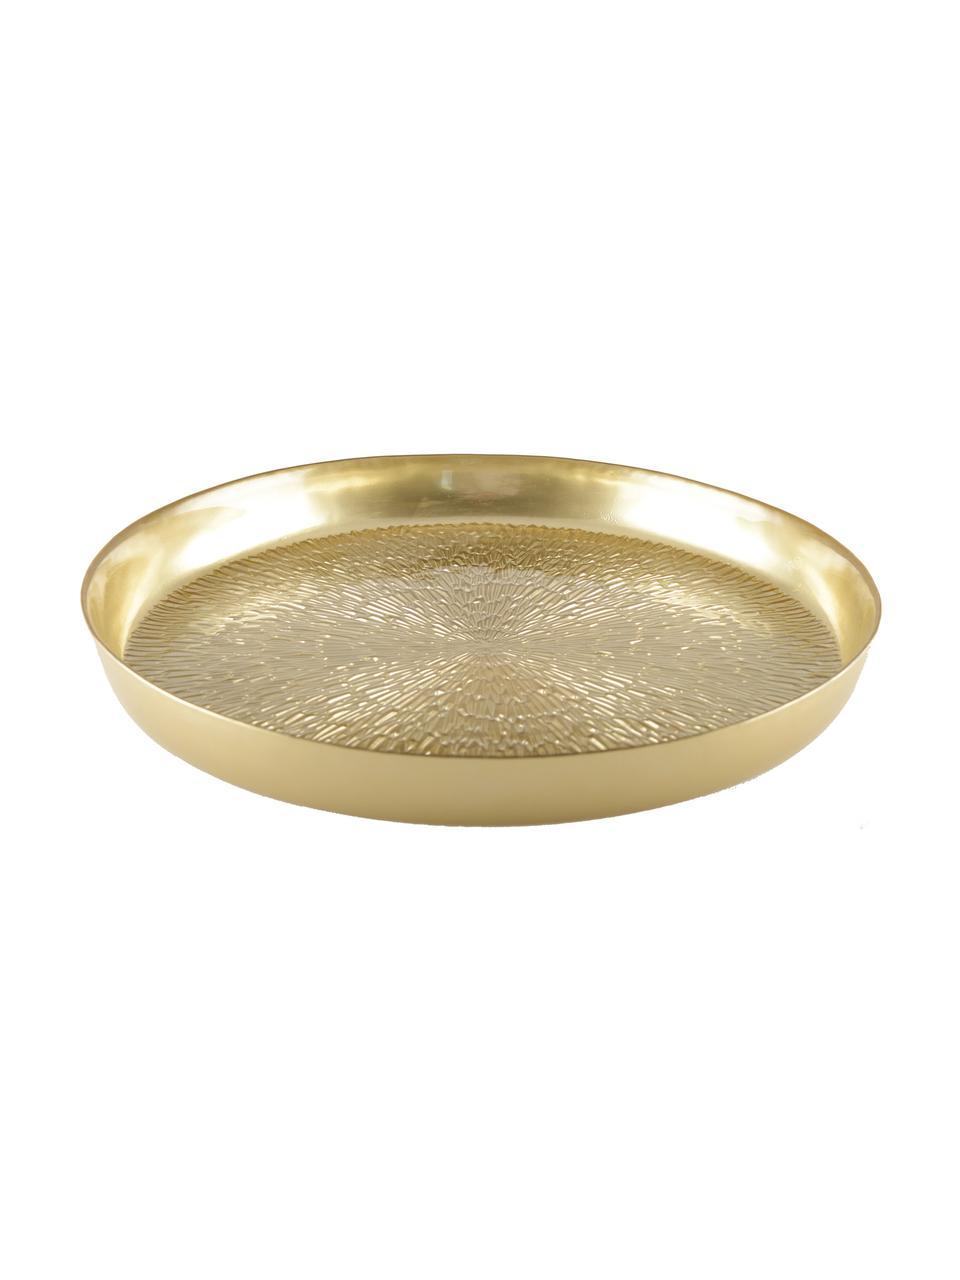 Plateau de service en verre doré Aladora, Ø 35cm, Couleur dorée